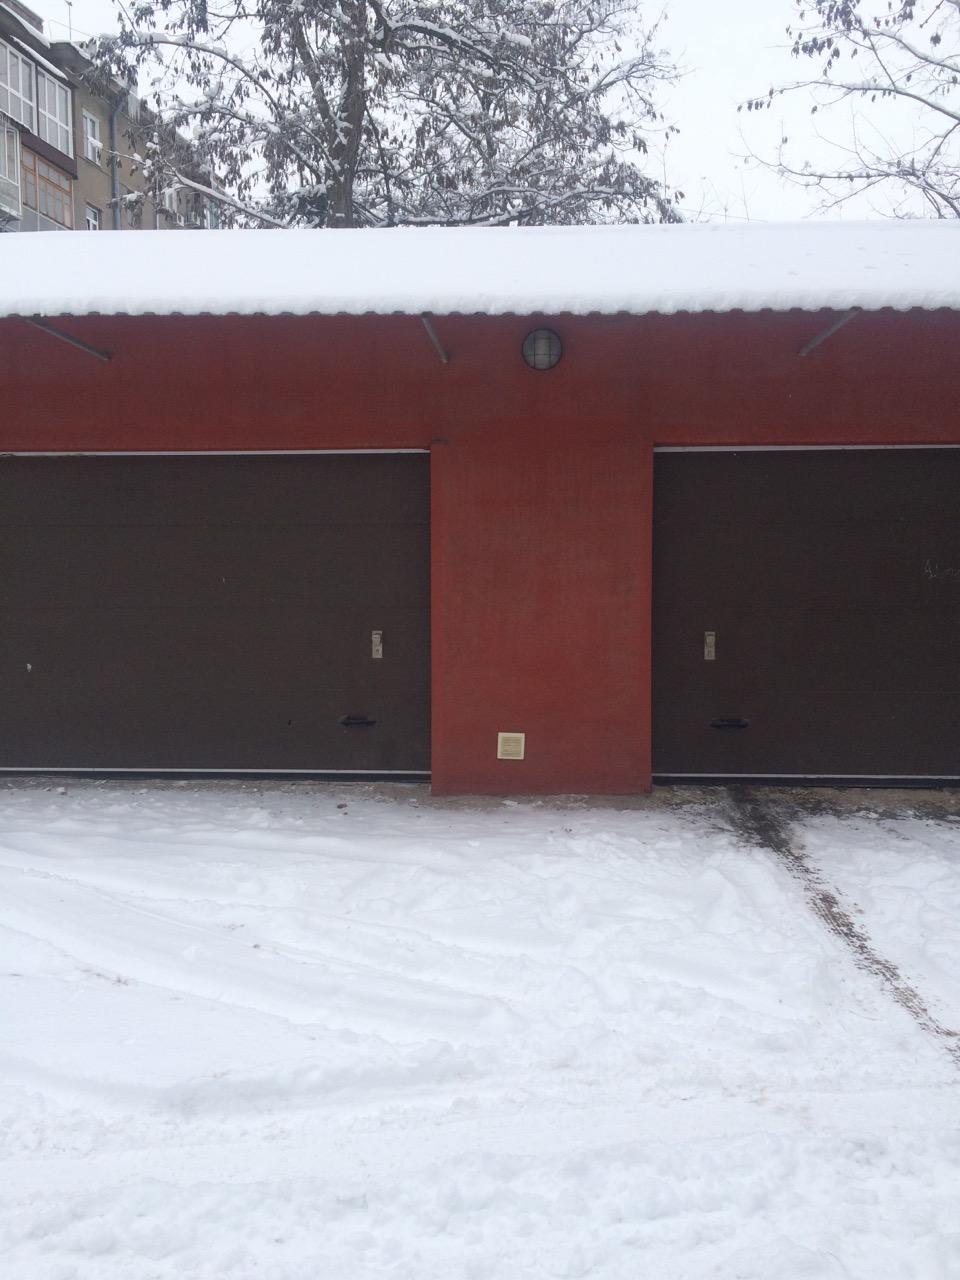 12 Научная,Харьковская область,Коммерческая недвижимость,Научная,1093